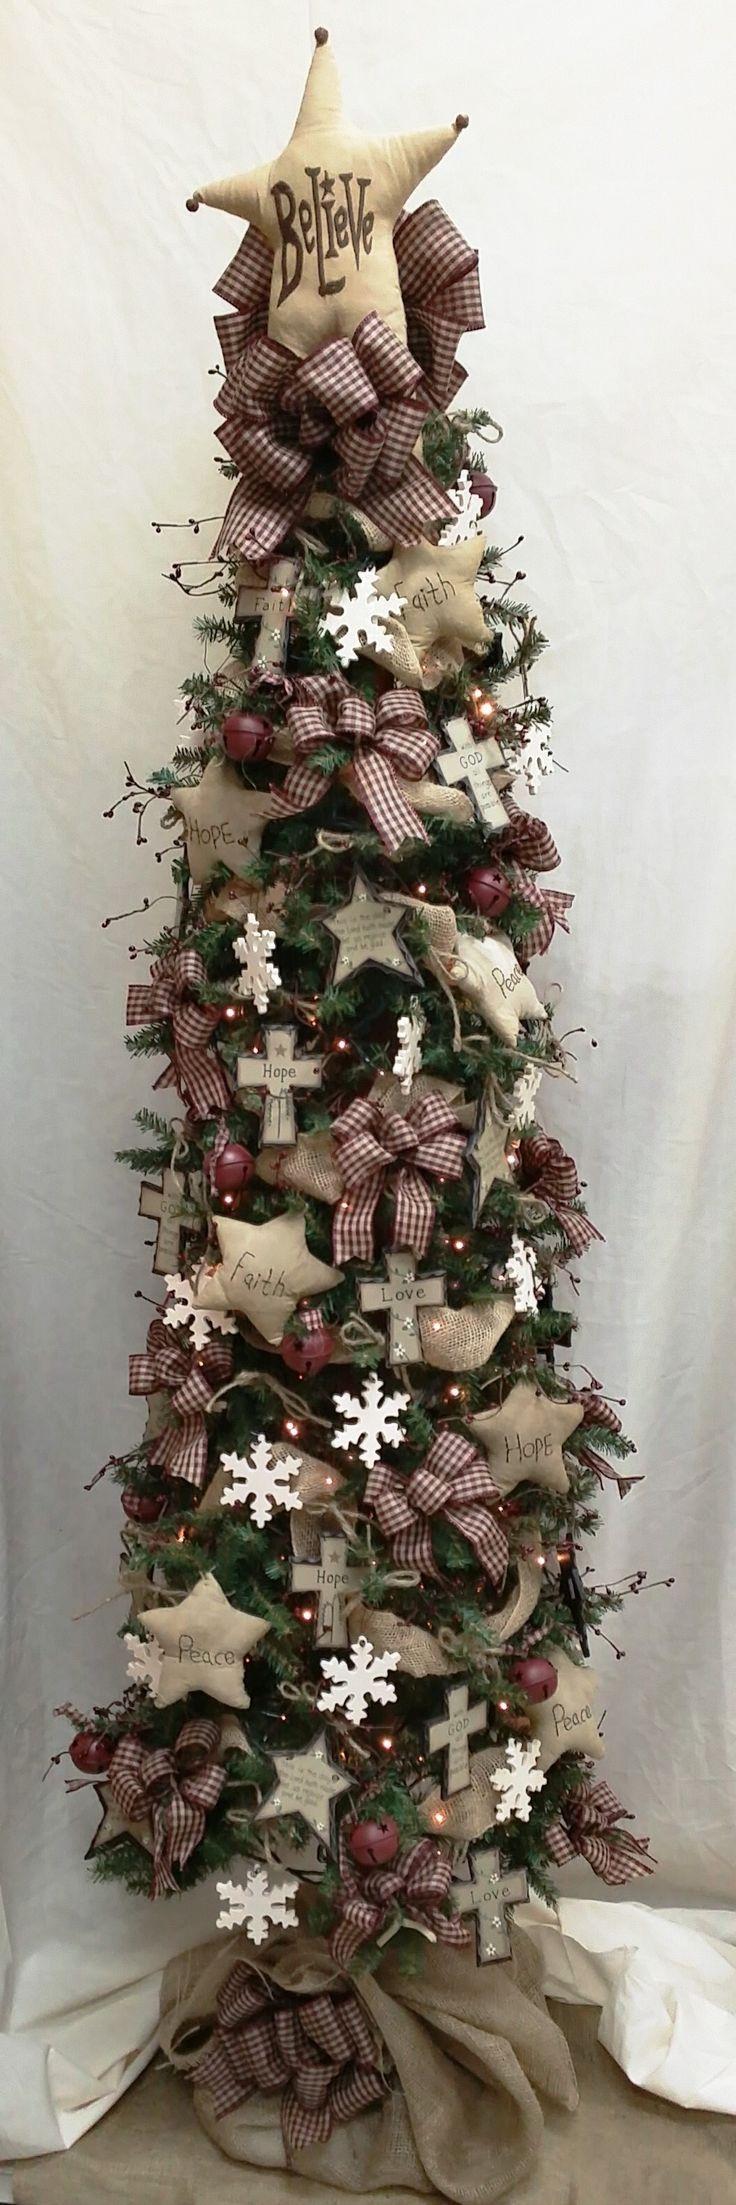 Primitive Star Christmas Tree via BenFranklin: